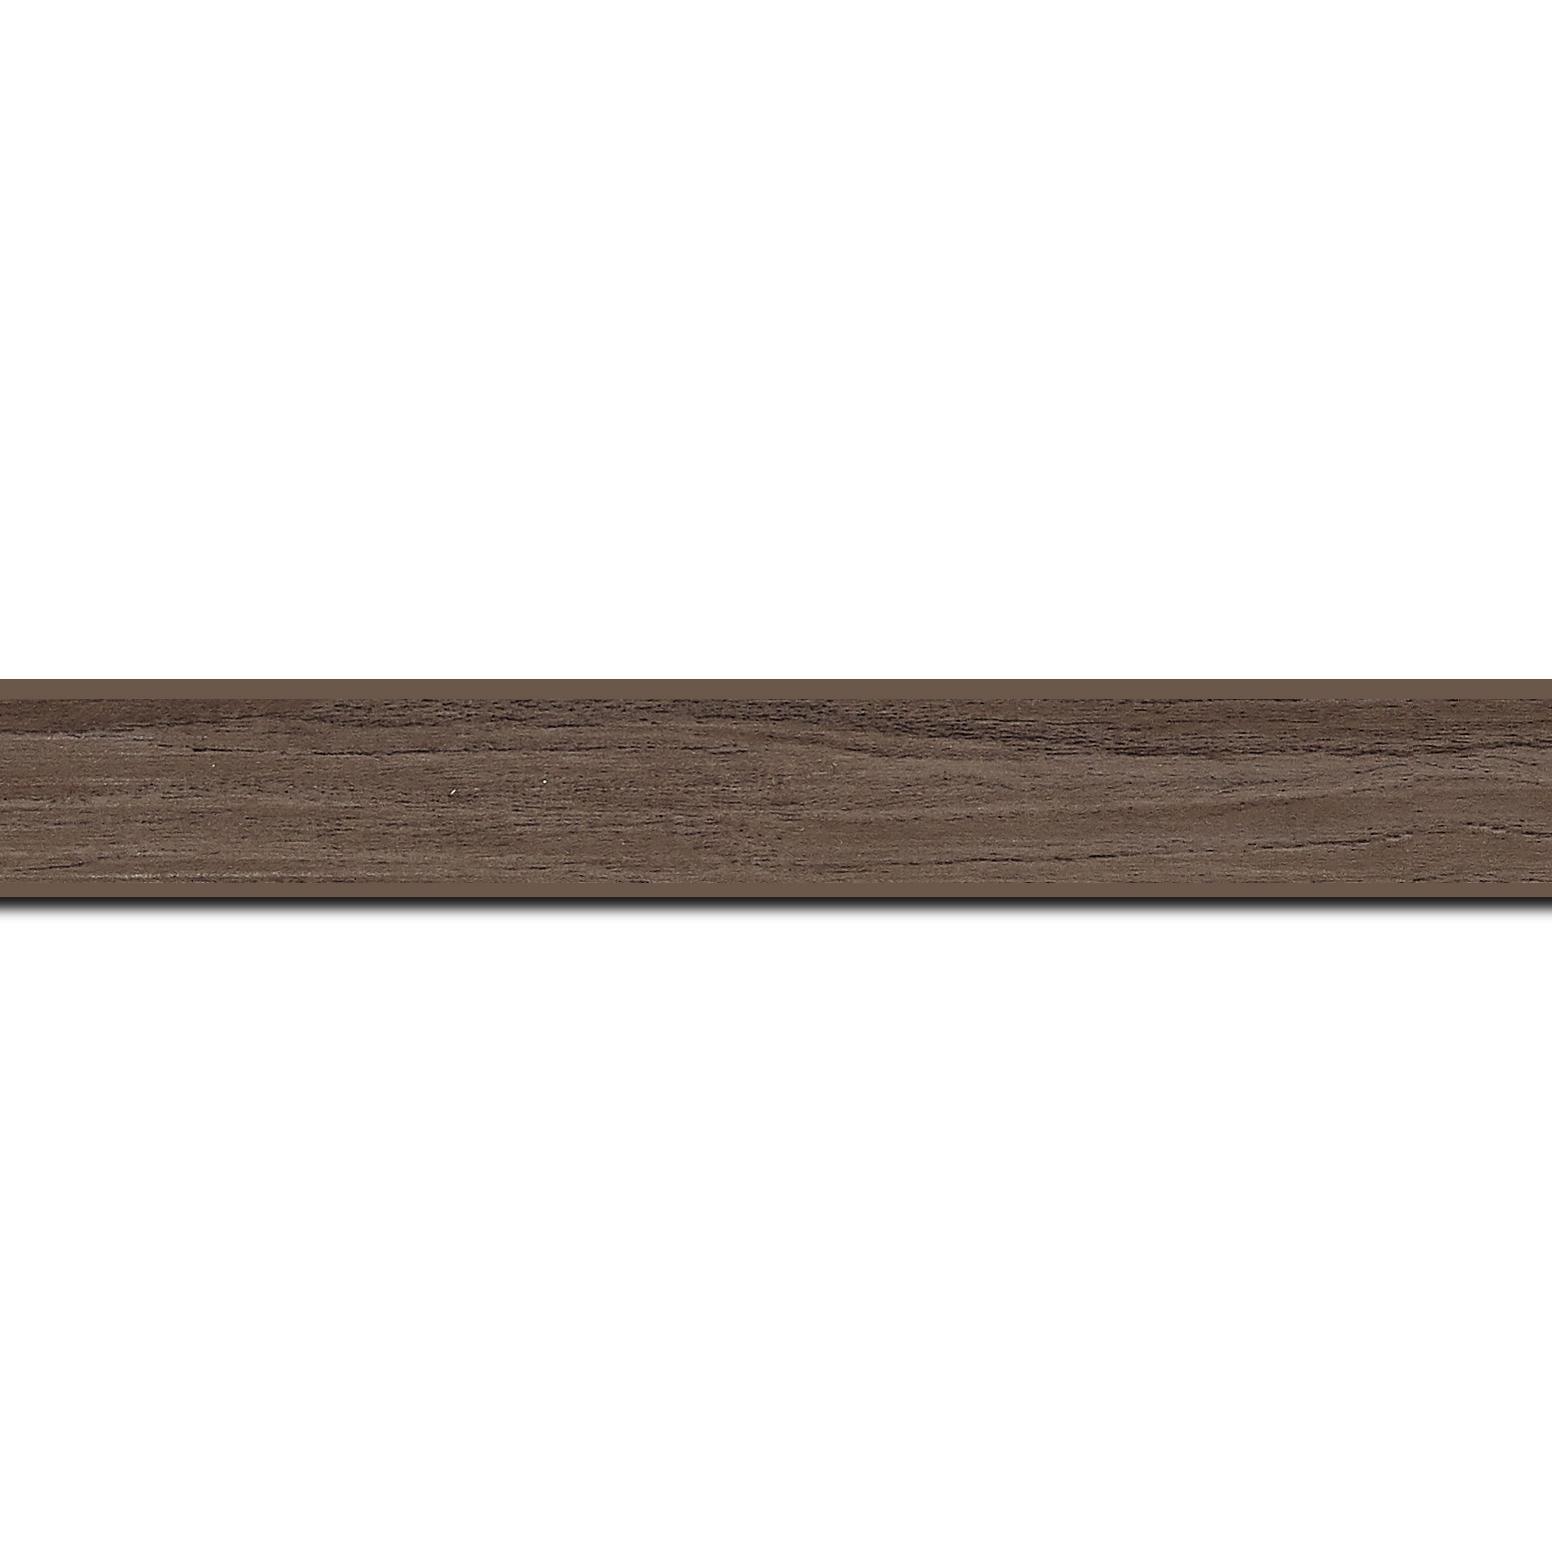 Baguette longueur 1.40m bois profil plat largeur 2cm décor bois noyer